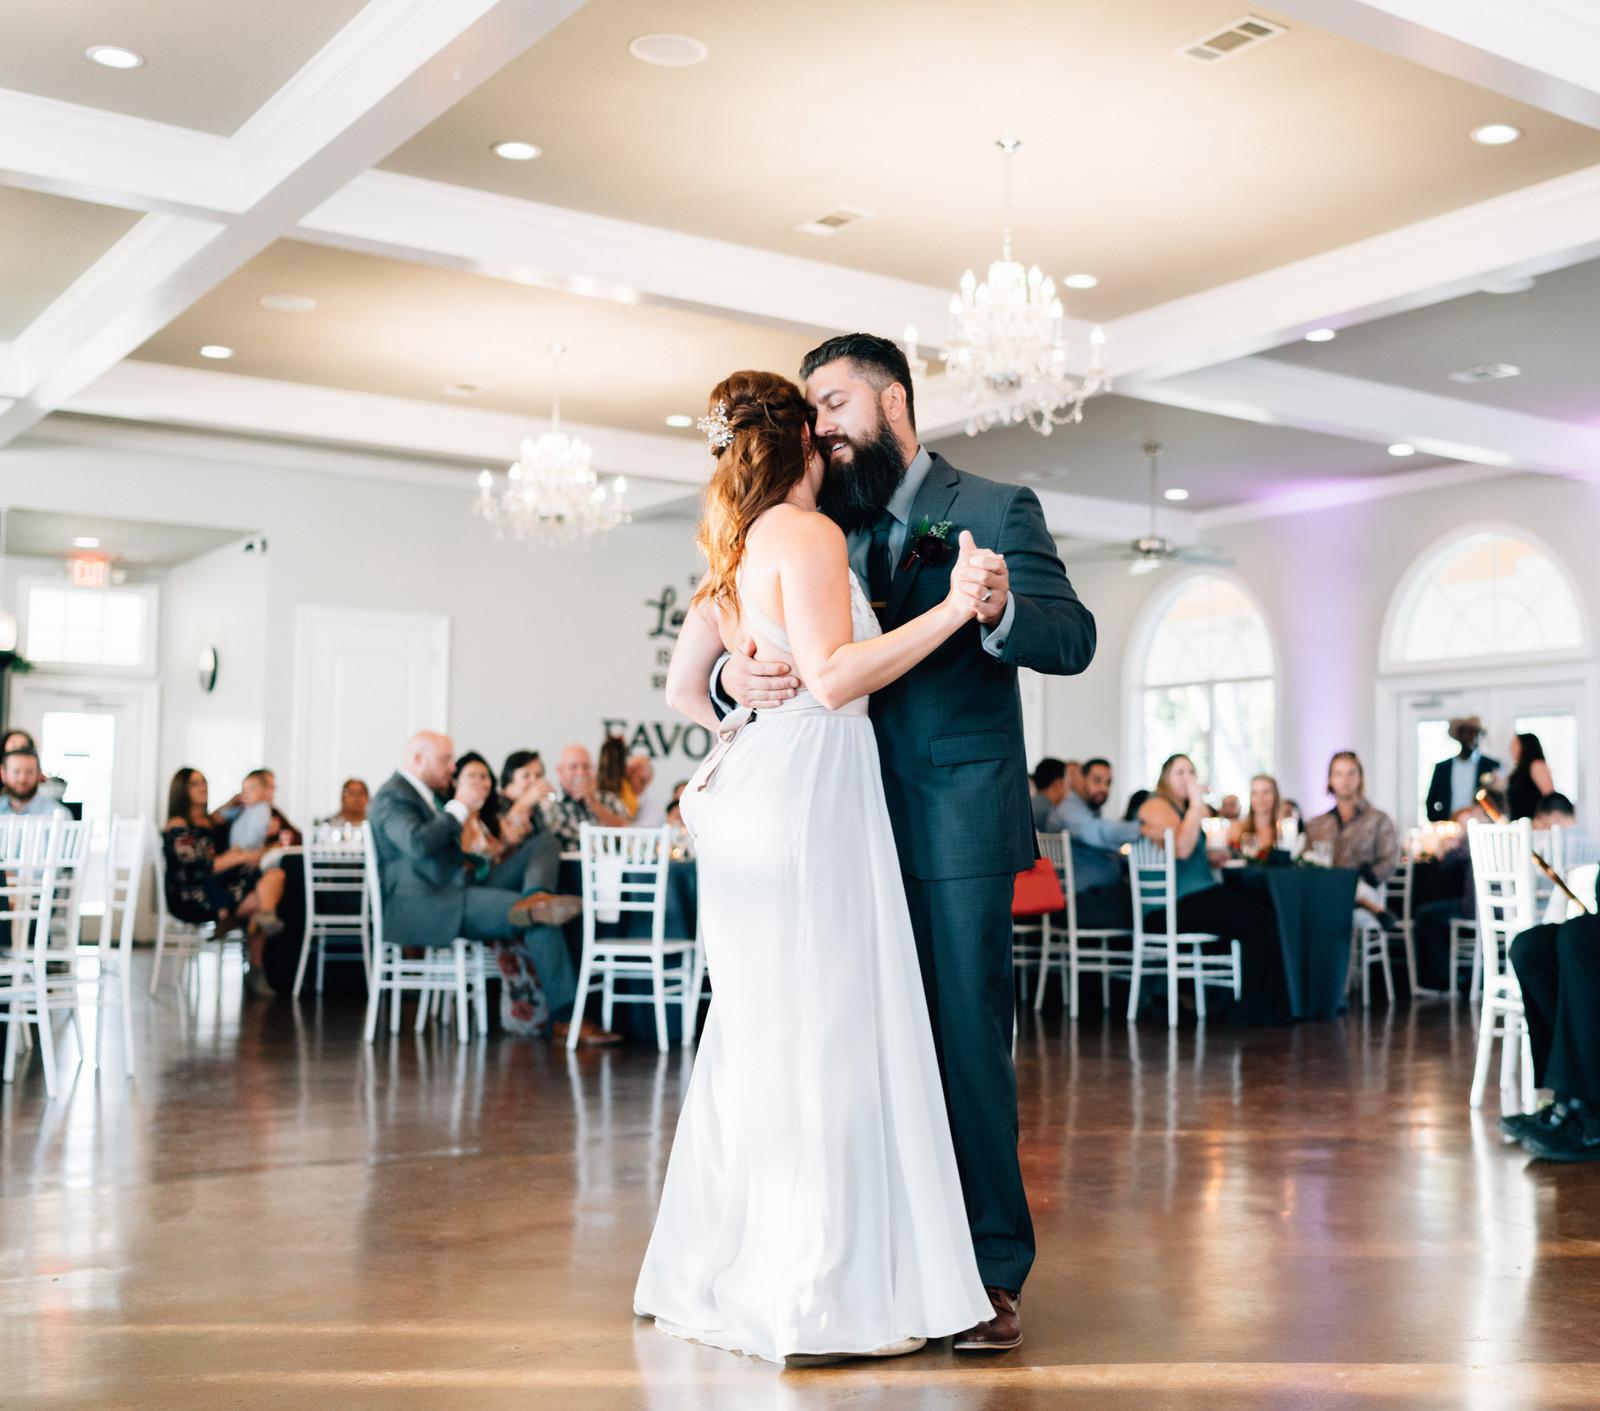 Waxahachie Wedding Venues: DFW Wedding Venue